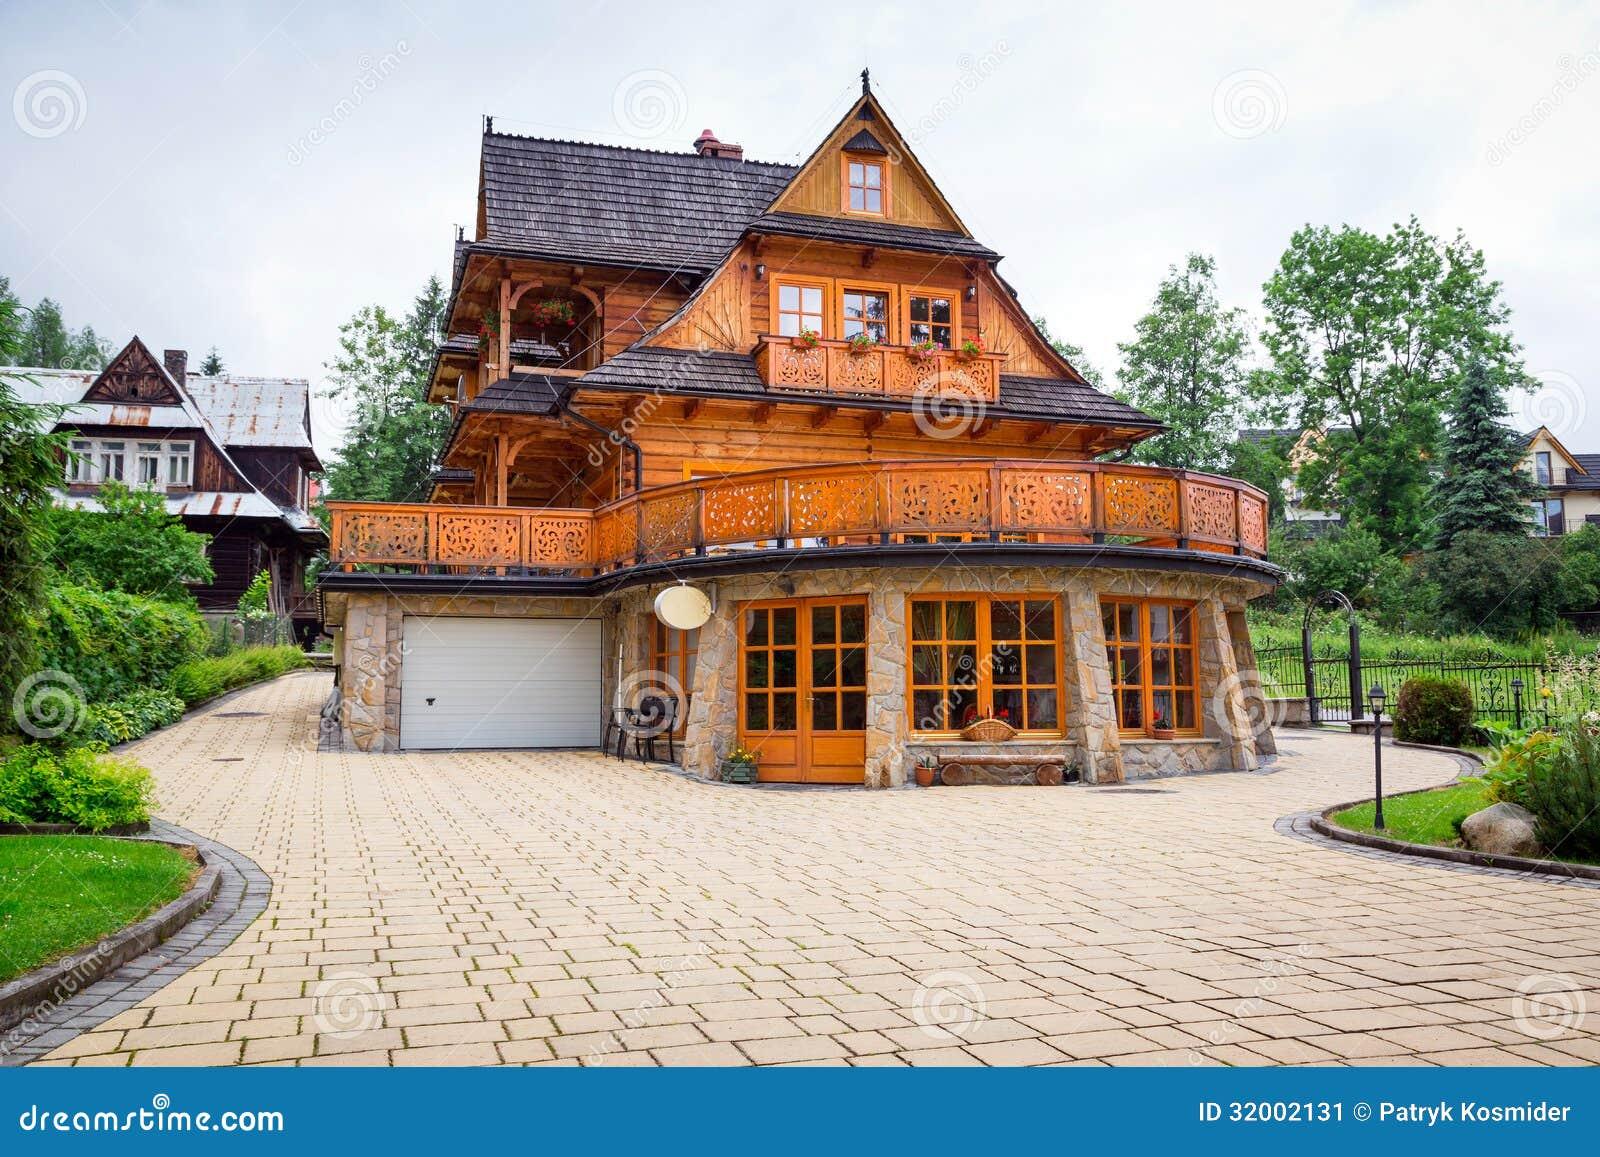 Architettura di legno tradizionale della casa in zakopane for Disegno della casa di architettura